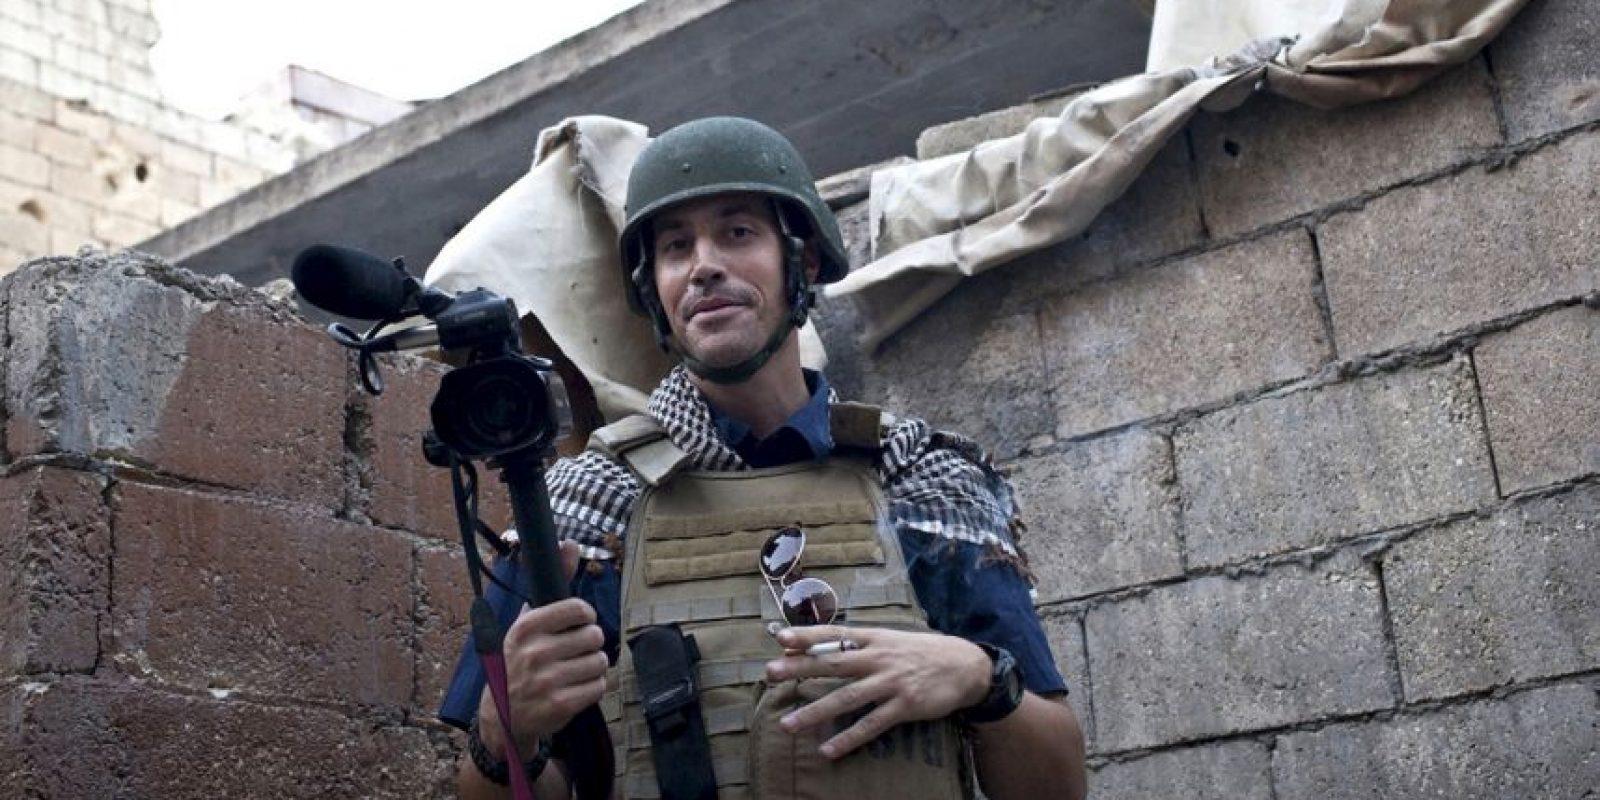 El periodista James Foley fue decapitado por ISIS. Foto:AP